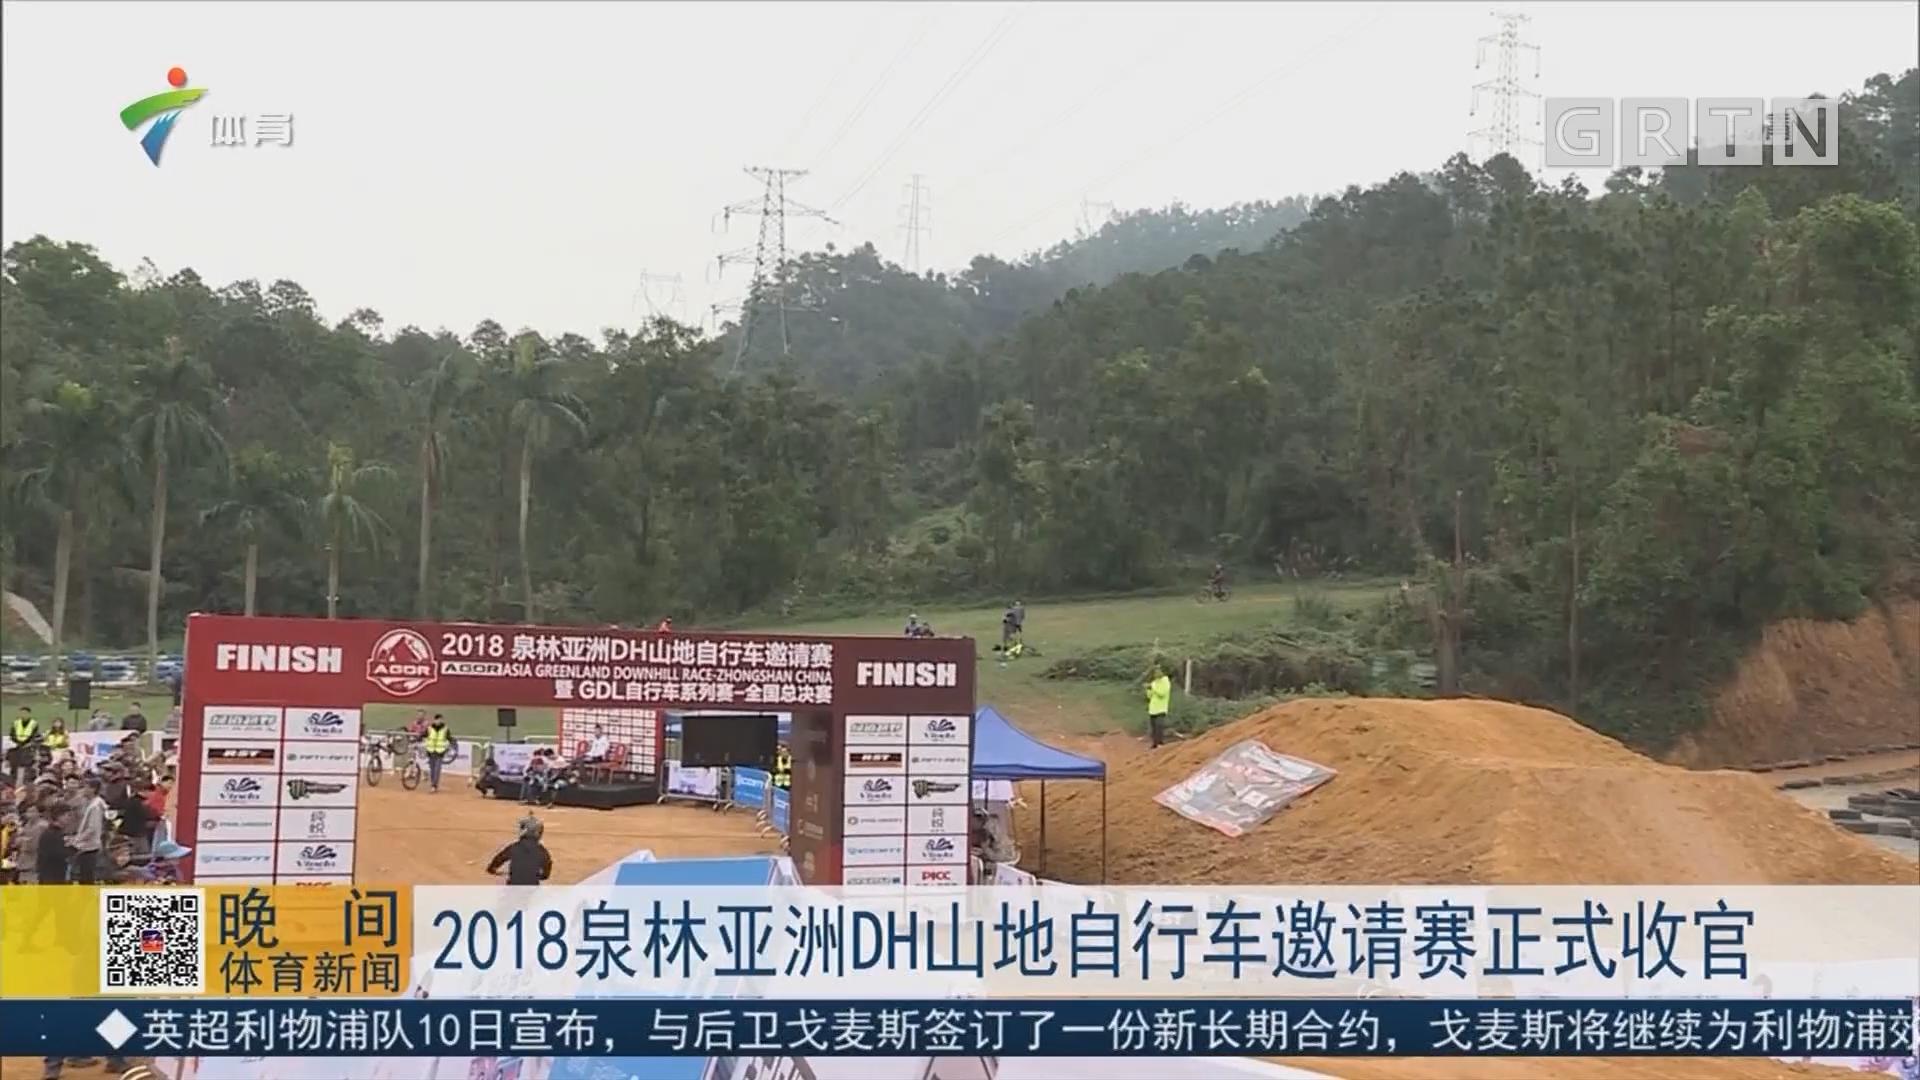 2018泉林亚洲DH山地自行车邀请赛正式收官